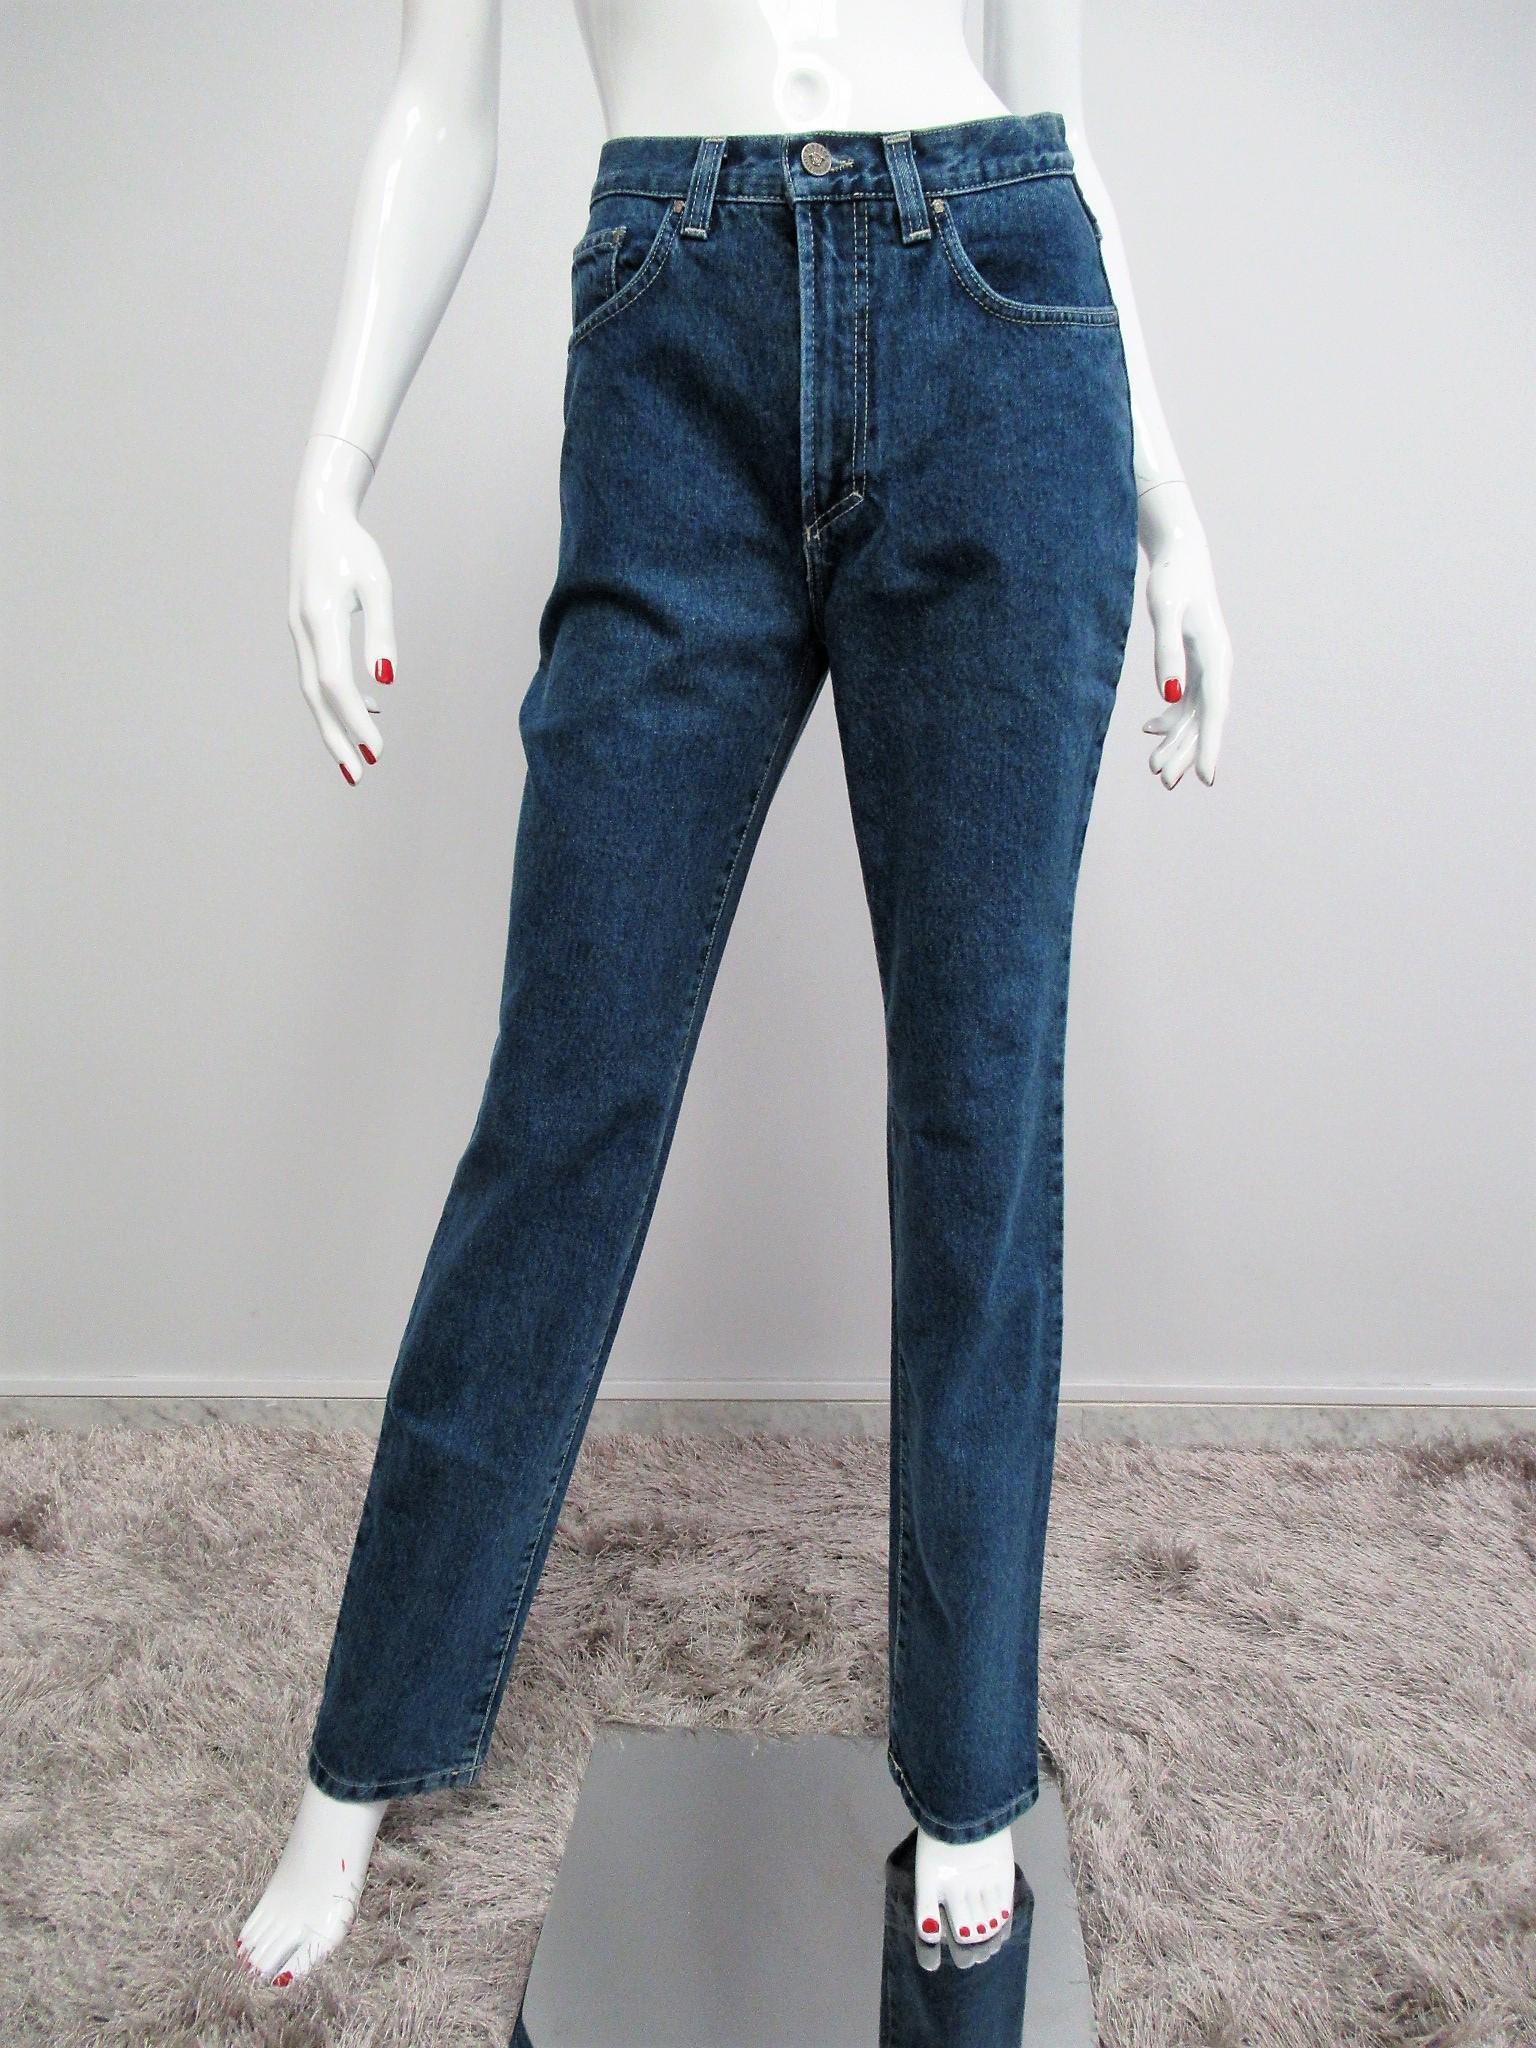 Versace 90s vintage jeans Size US 26 / XS